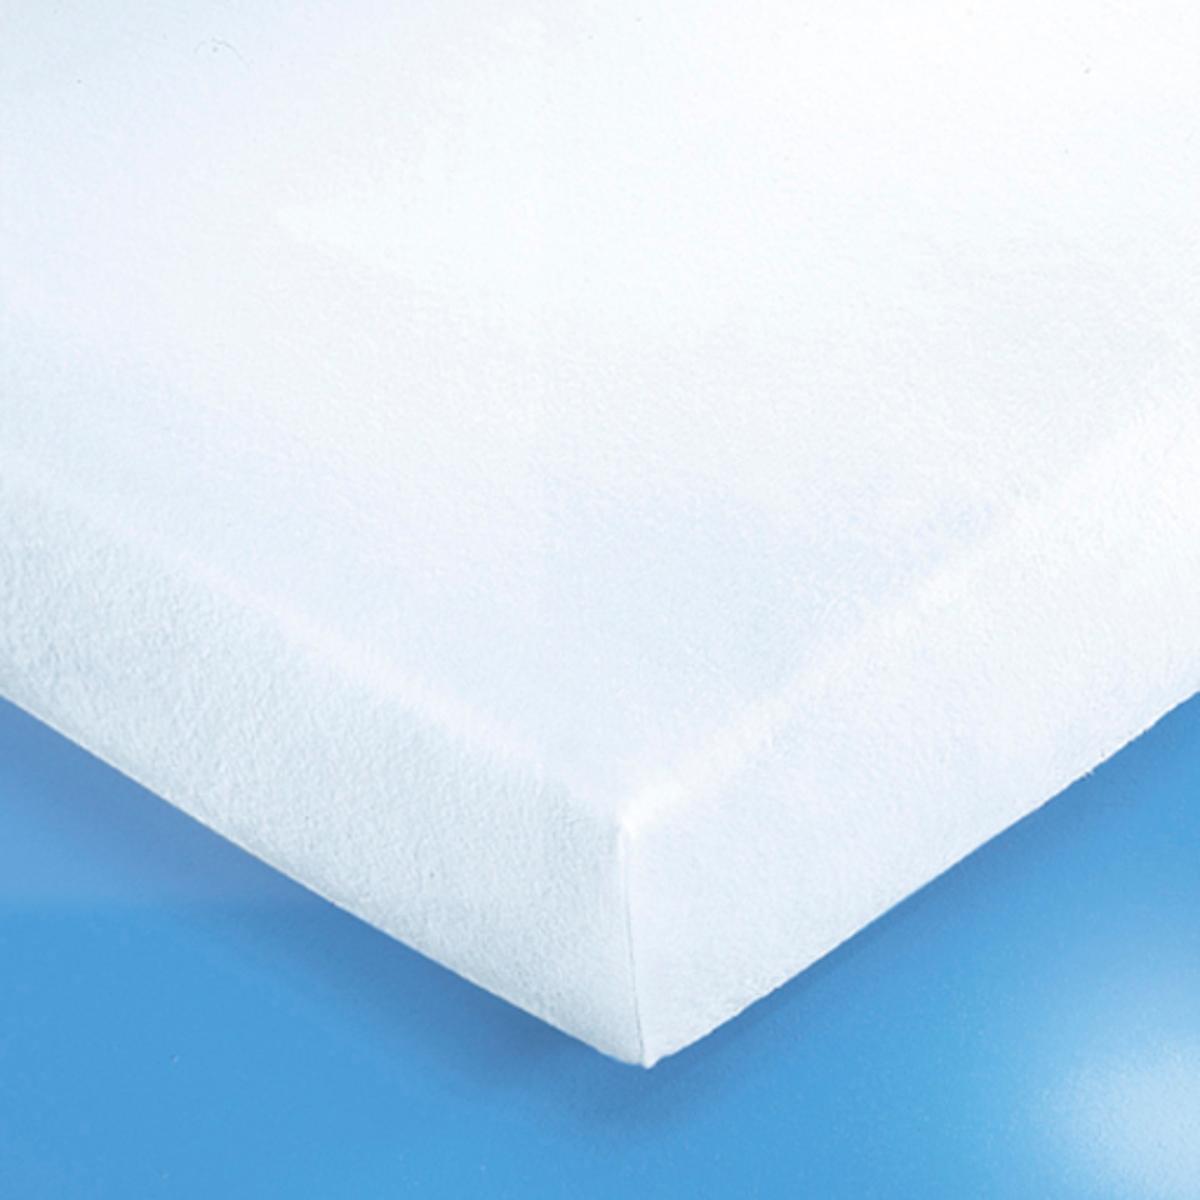 цена Наматрасник La Redoute В форме чехла с обработкой против постельных клопов 160 x 200 см белый онлайн в 2017 году